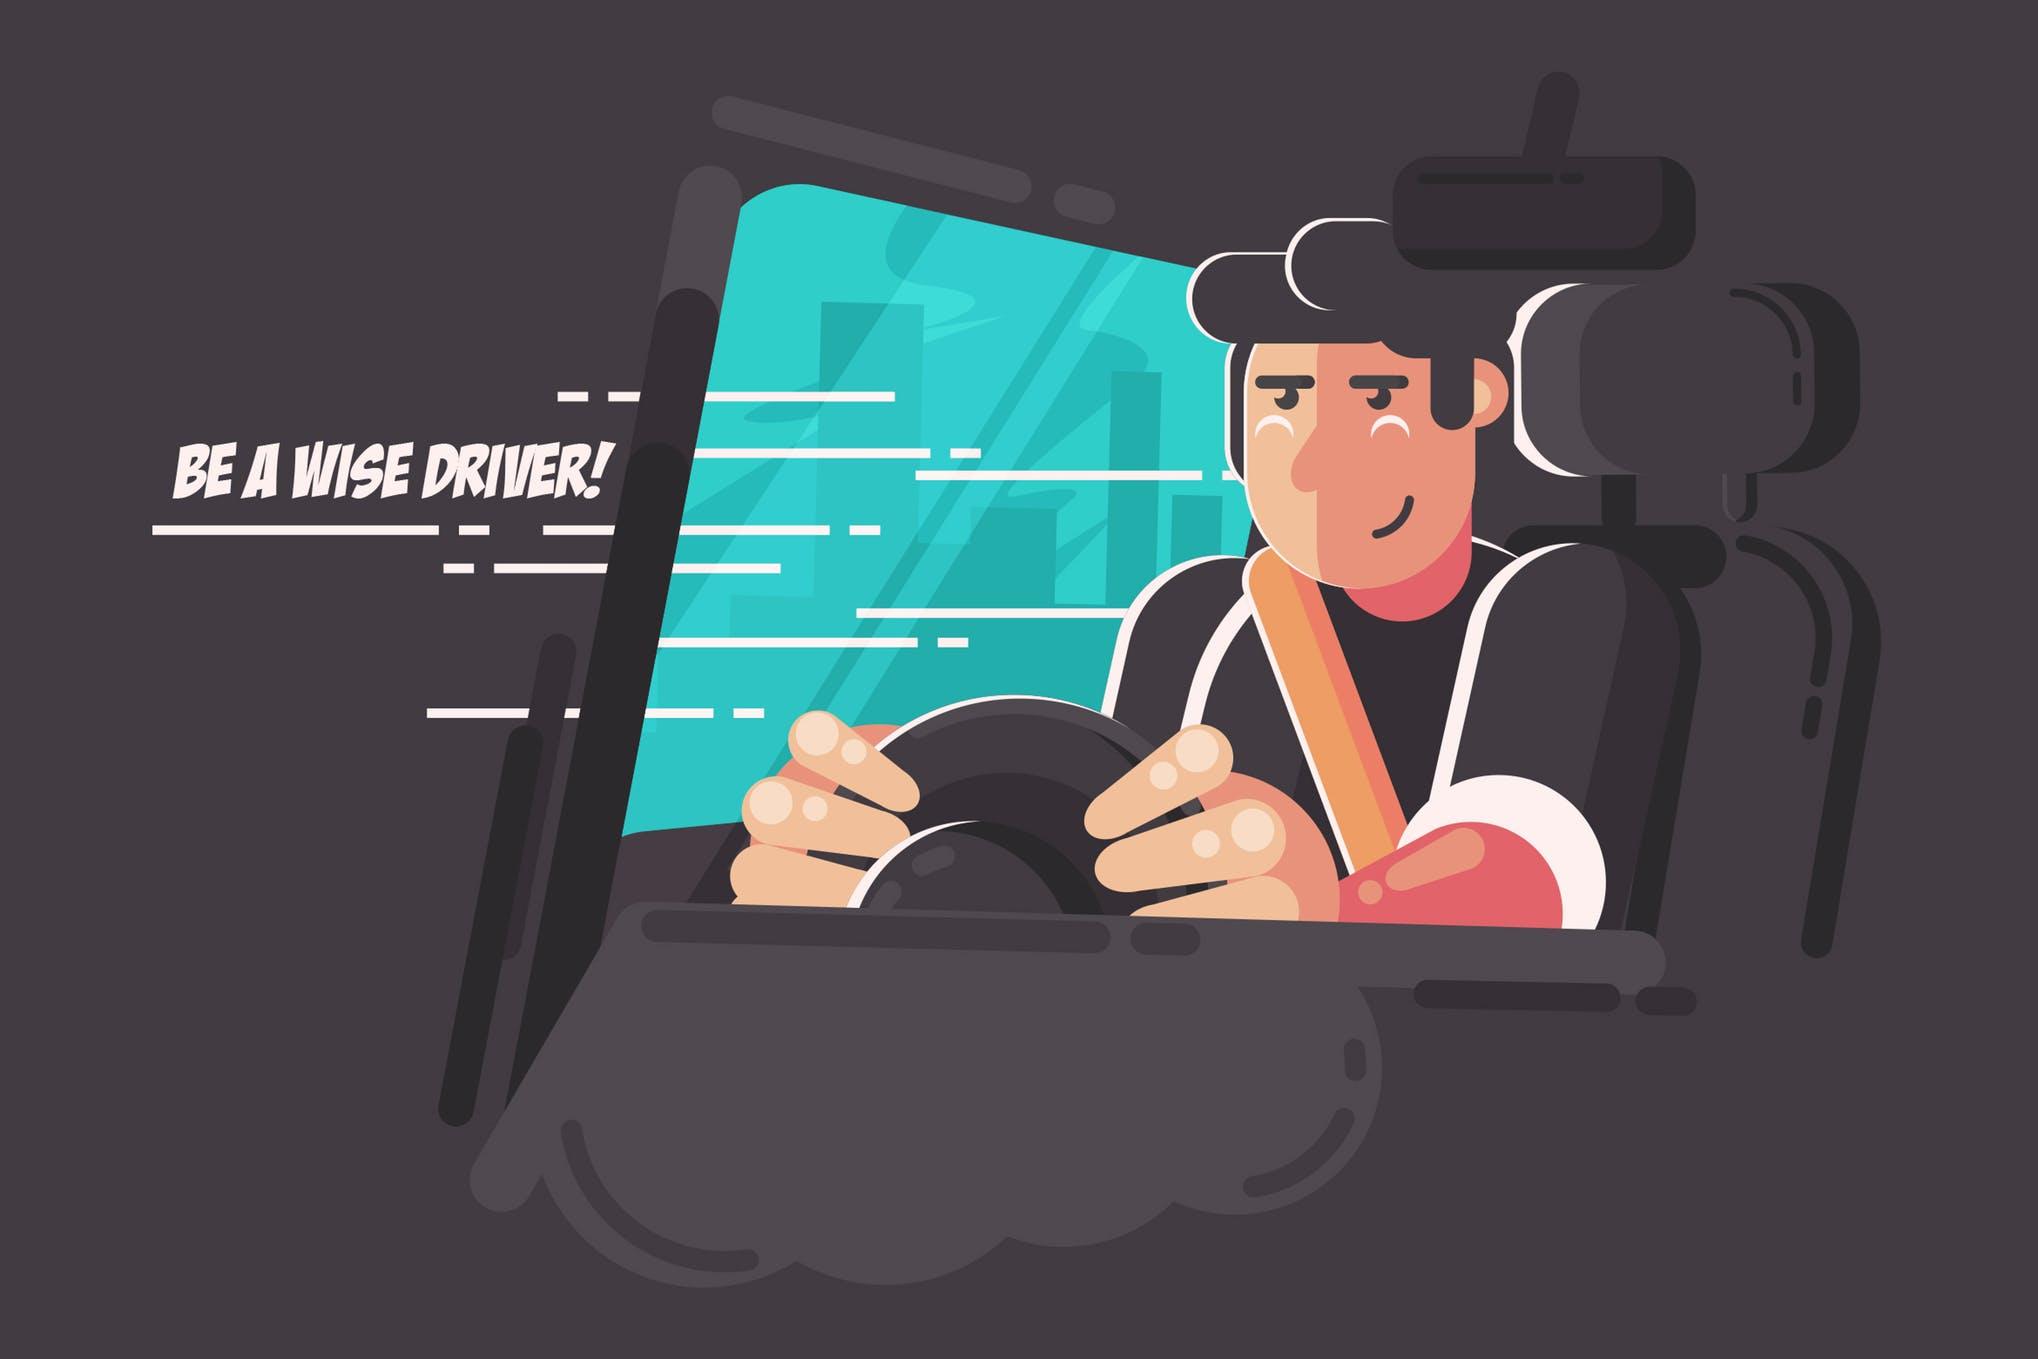 司机驾驶场景画面素材下载Be a Wise Driver!-Vector Activity